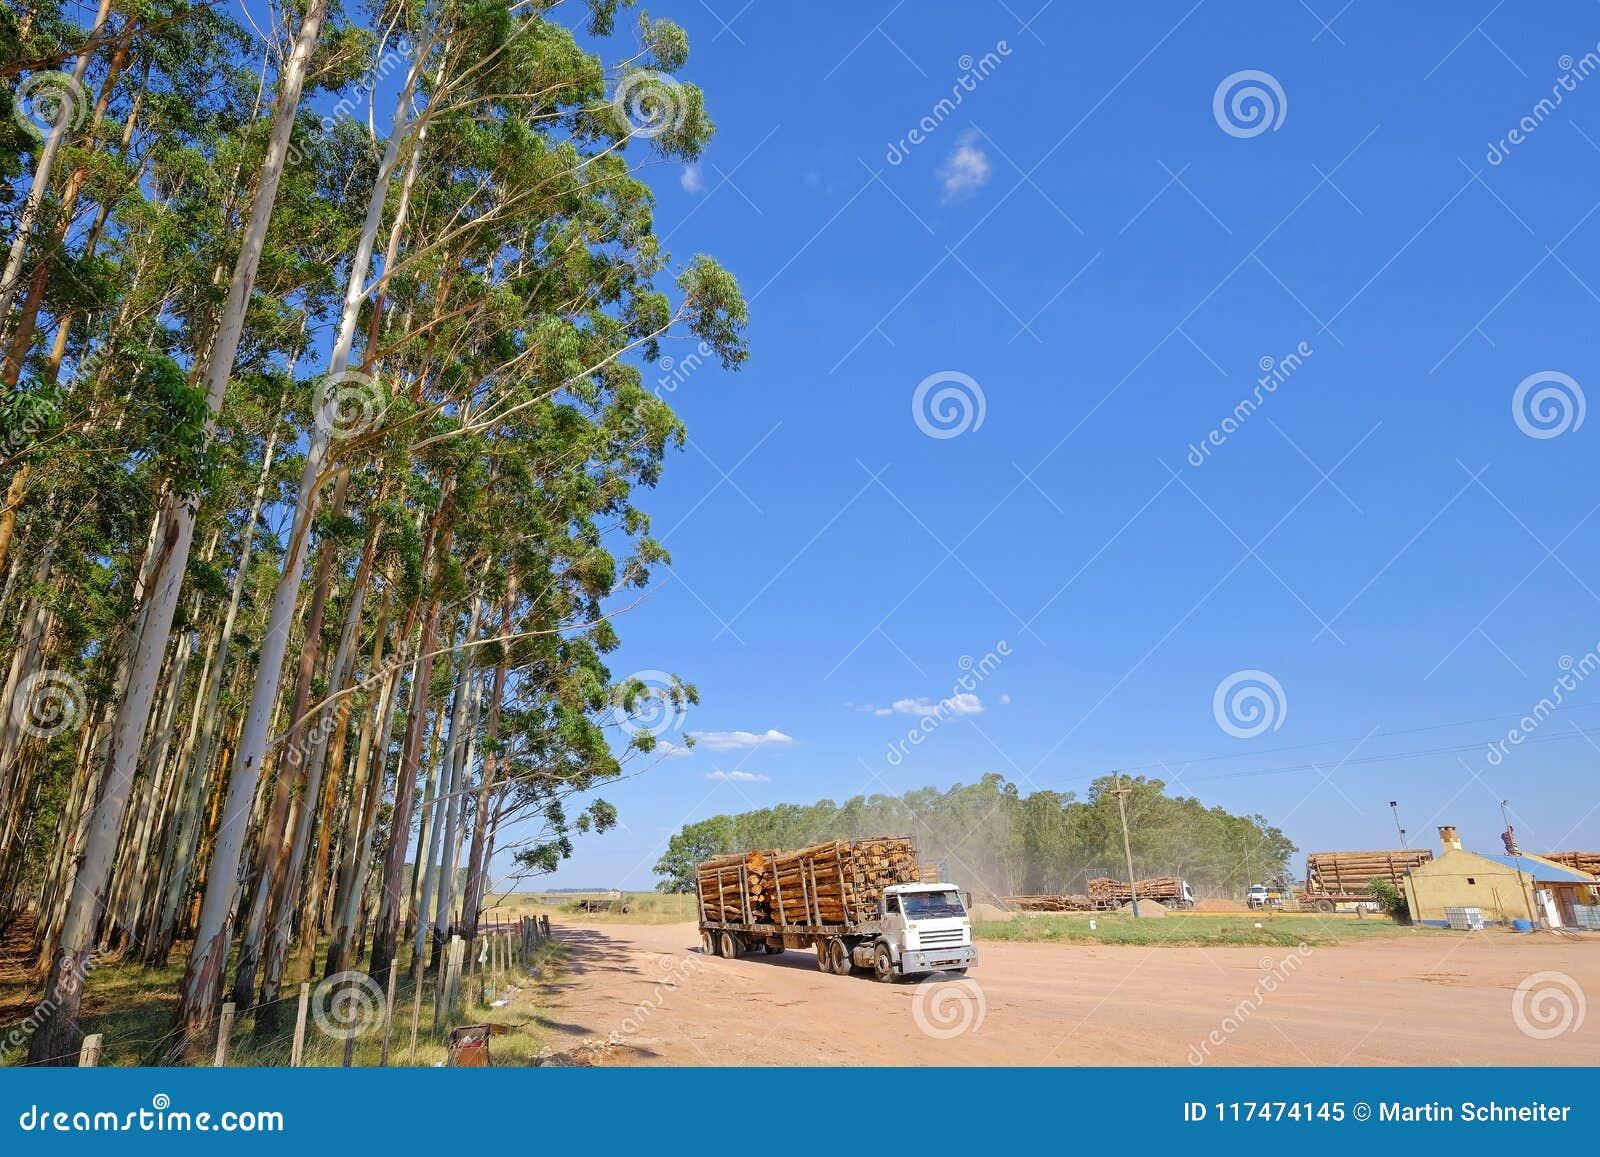 Messwagen mit Eukalyptusklotz für das Papier oder die Holz- und Forstwirtschaft, Uruguay, Südamerika